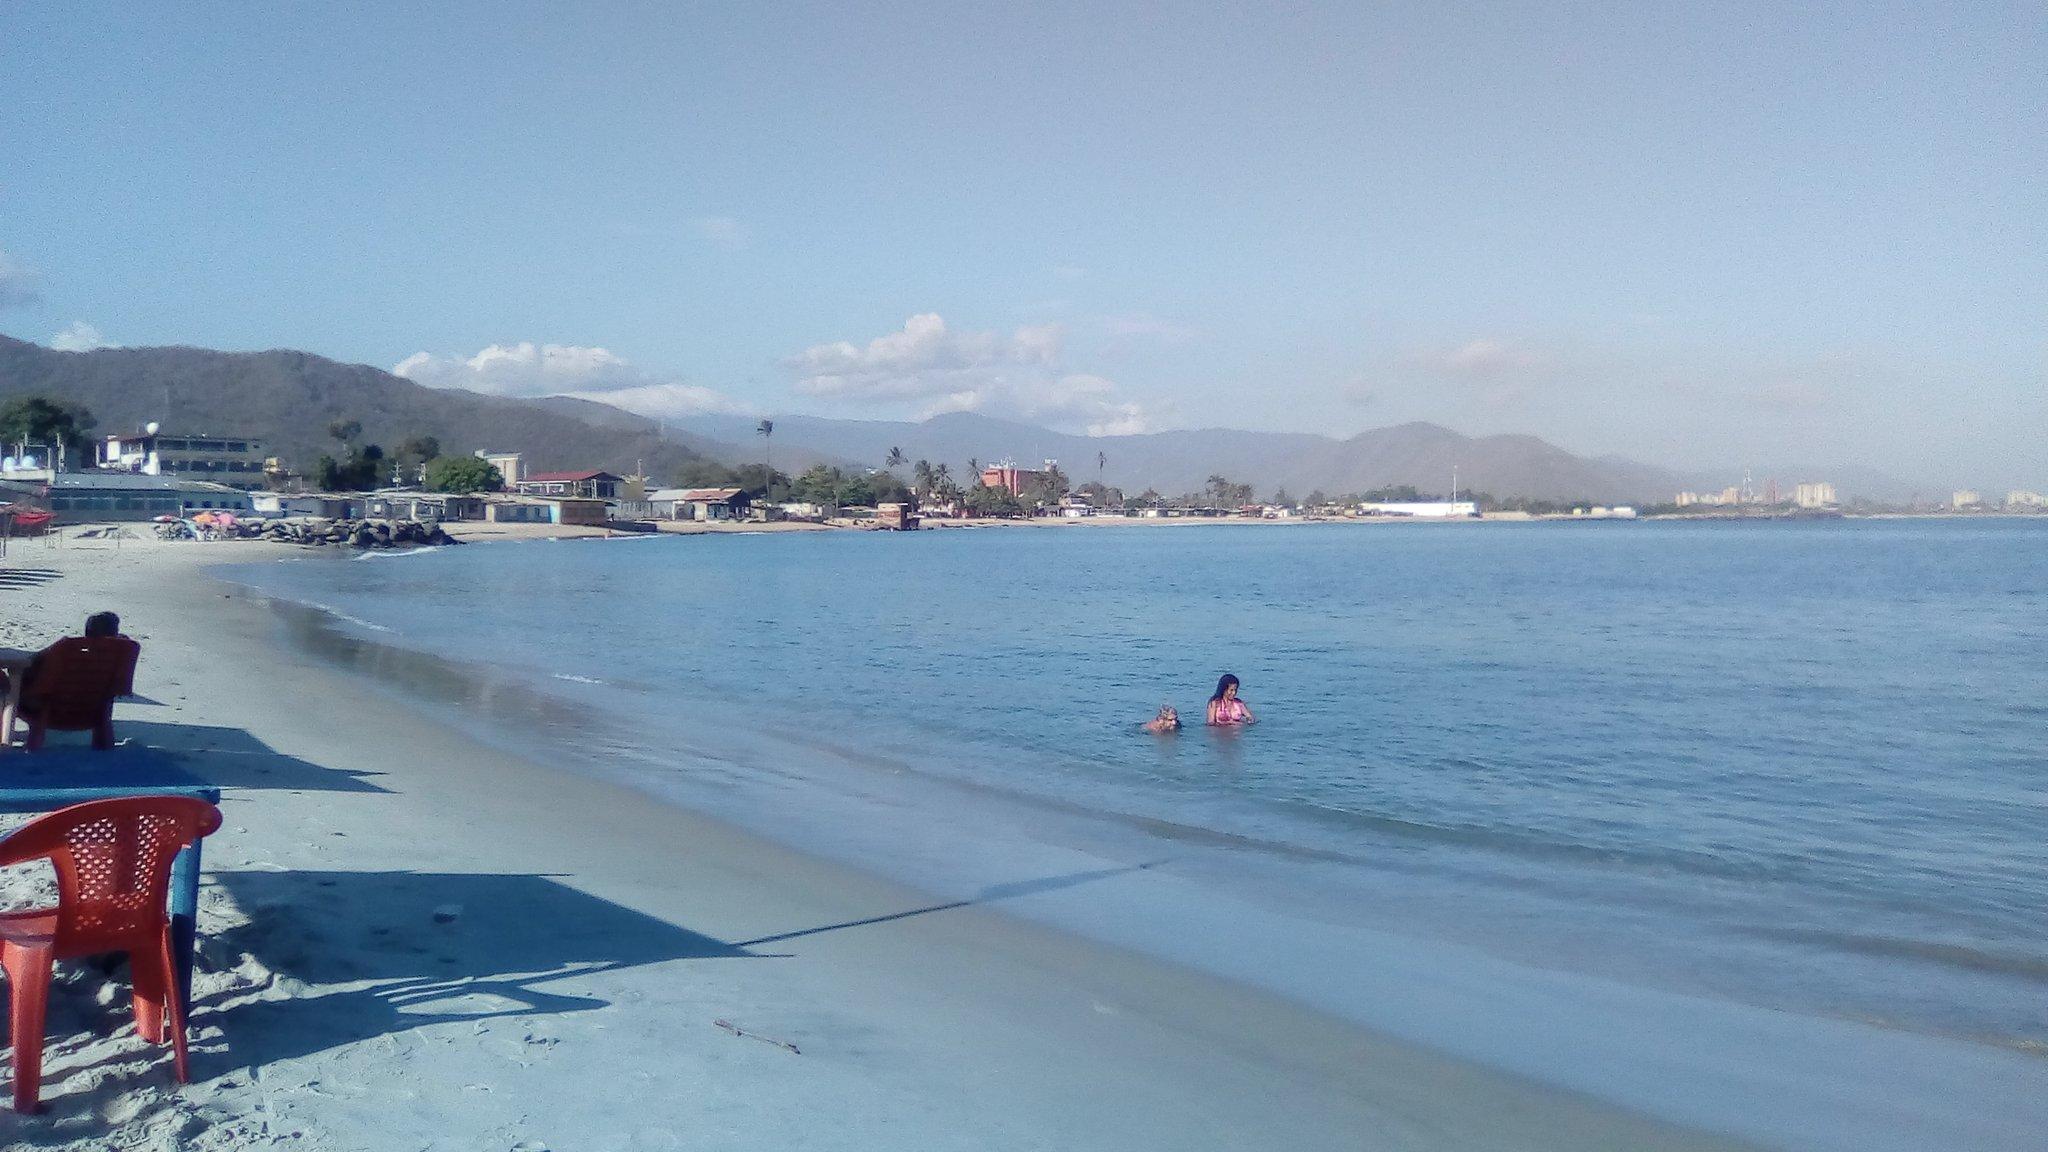 Playas de Carabobo - Playas de Carabobo